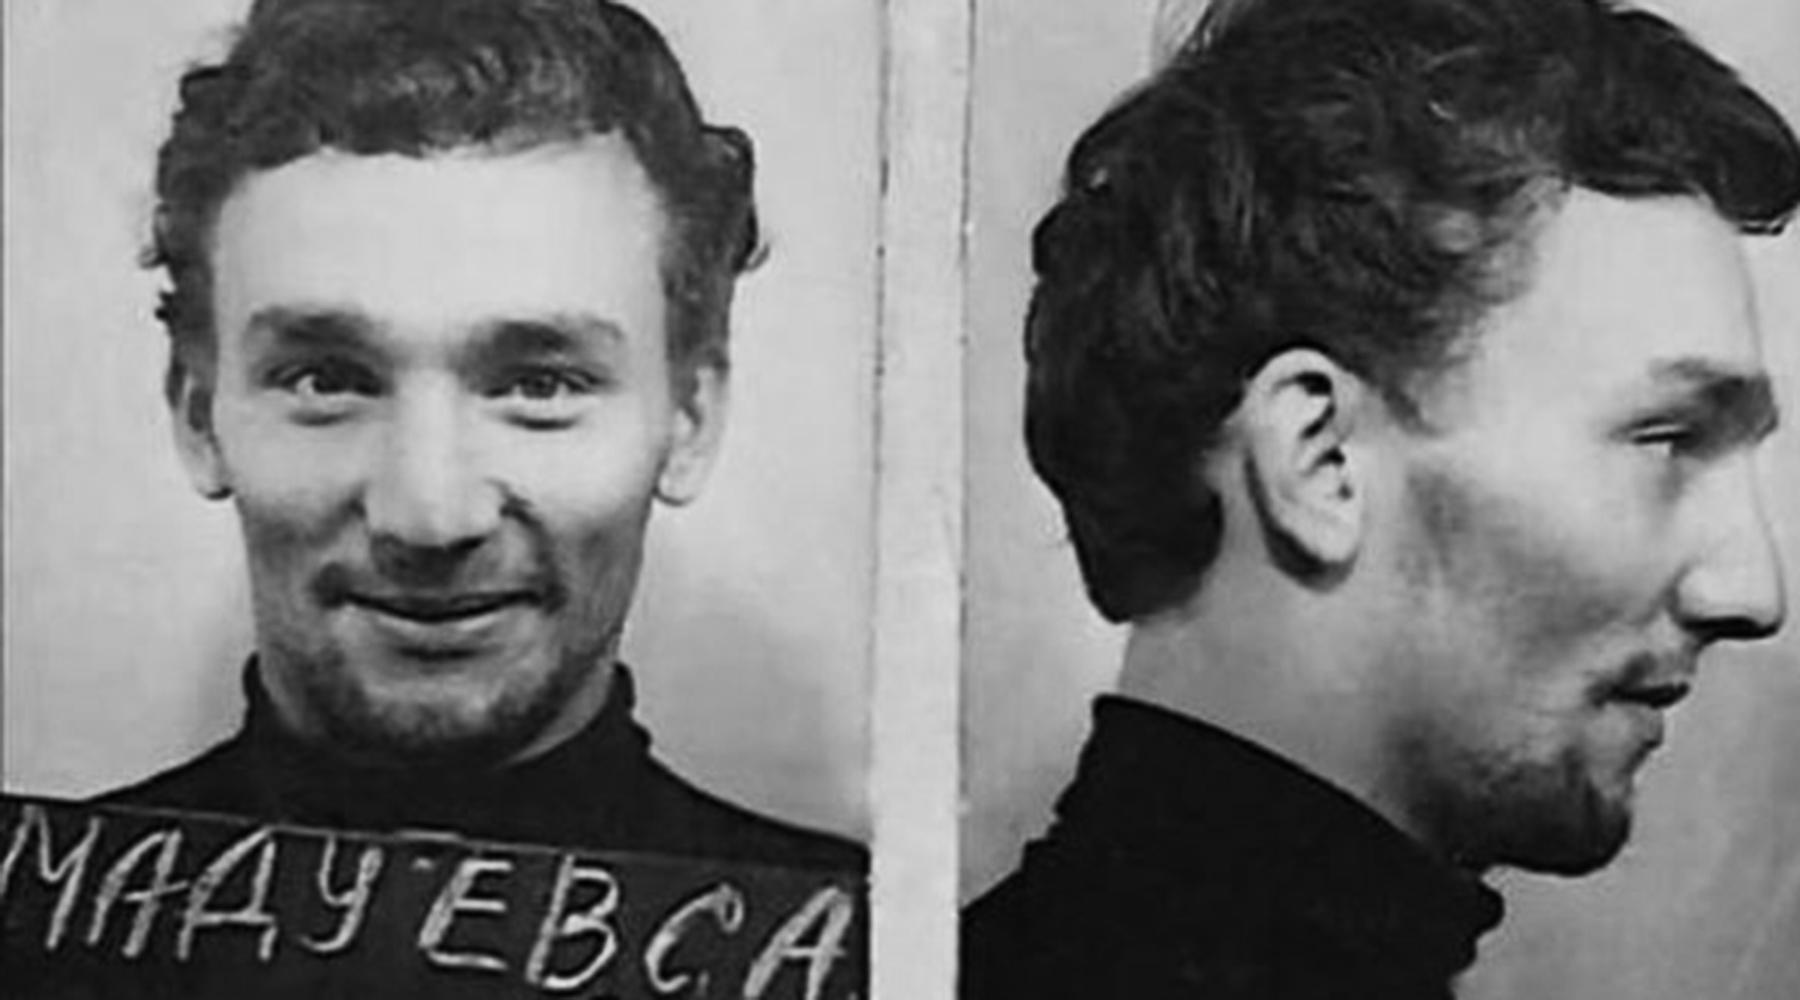 Пробудил чувства: 30 лет назад рецидивист Сергей Мадуев едва не сбежал из СИЗО при содействии следователя1